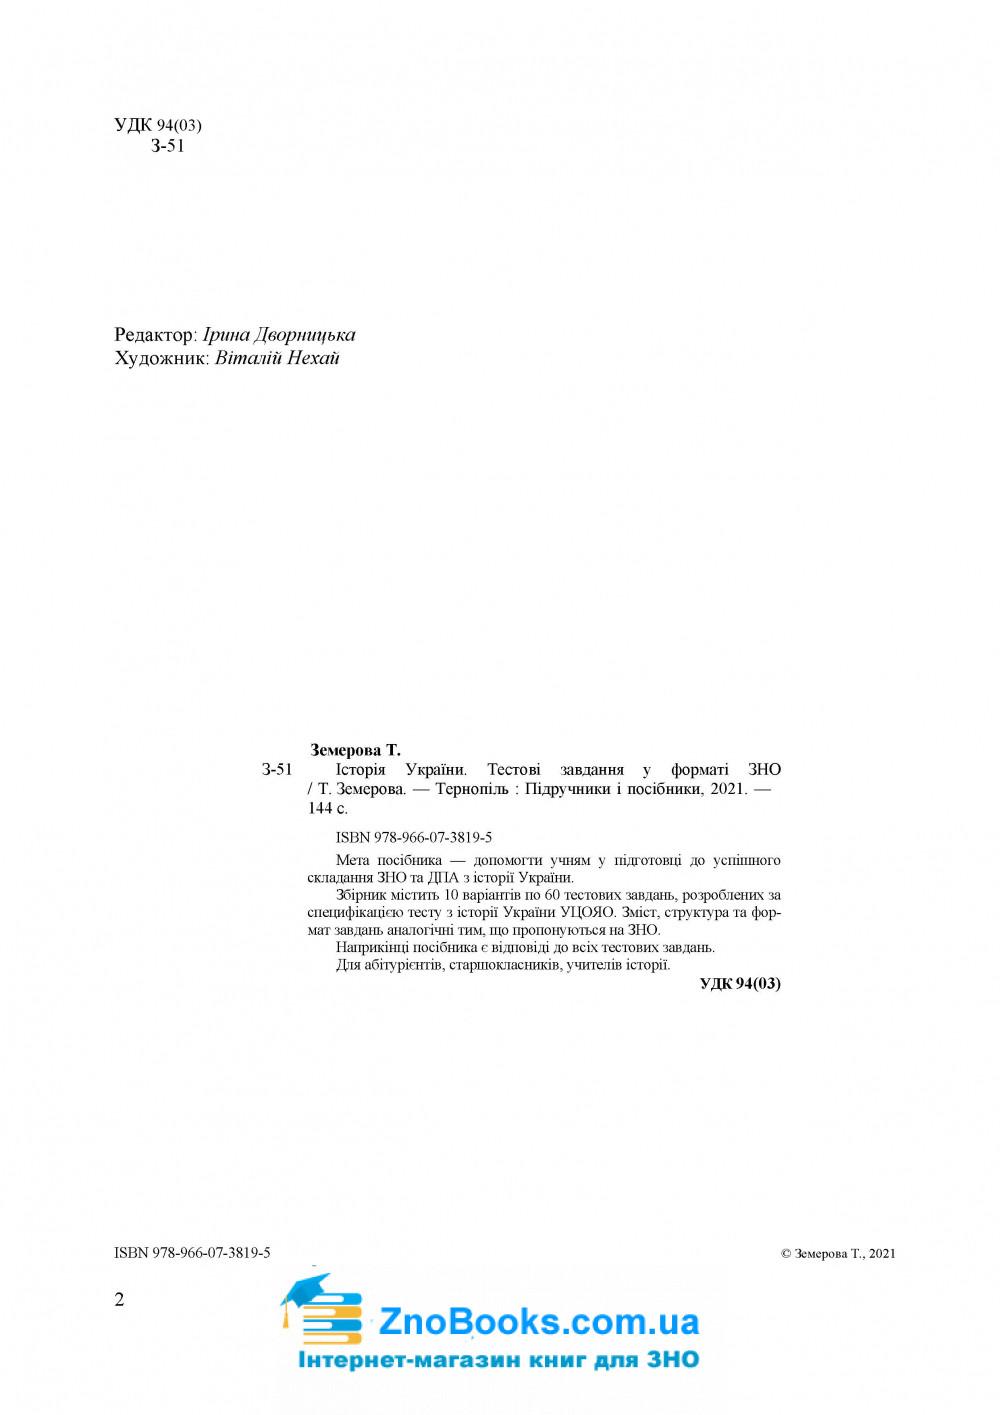 Історія України. Тестові завдання у форматі ЗНО 2021 : Земерова Т. Підручники і посібники купити 2